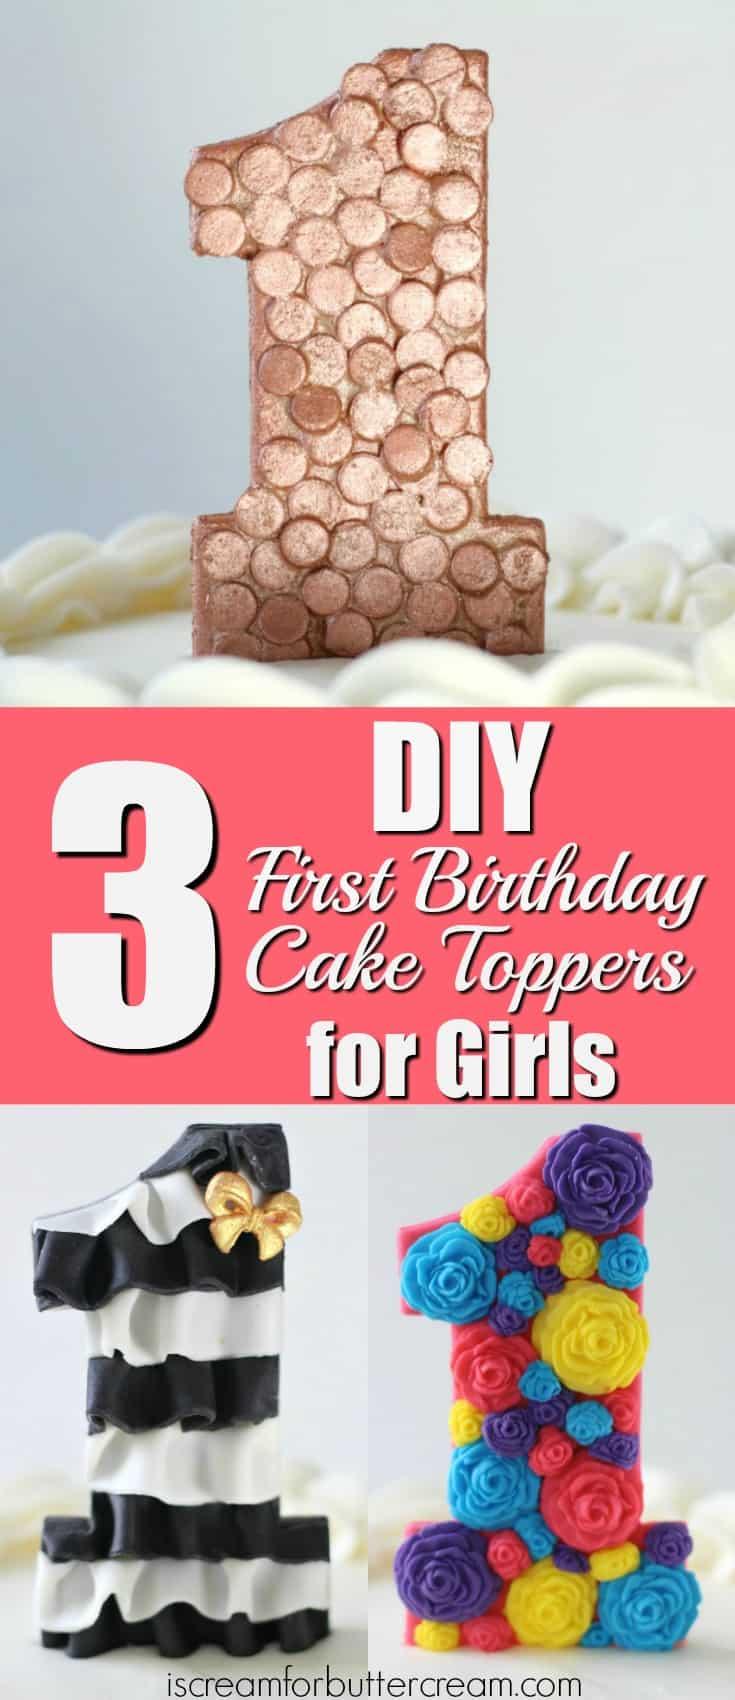 3 DIY First Birthday Cake Toppers for Girls I Scream for Buttercream